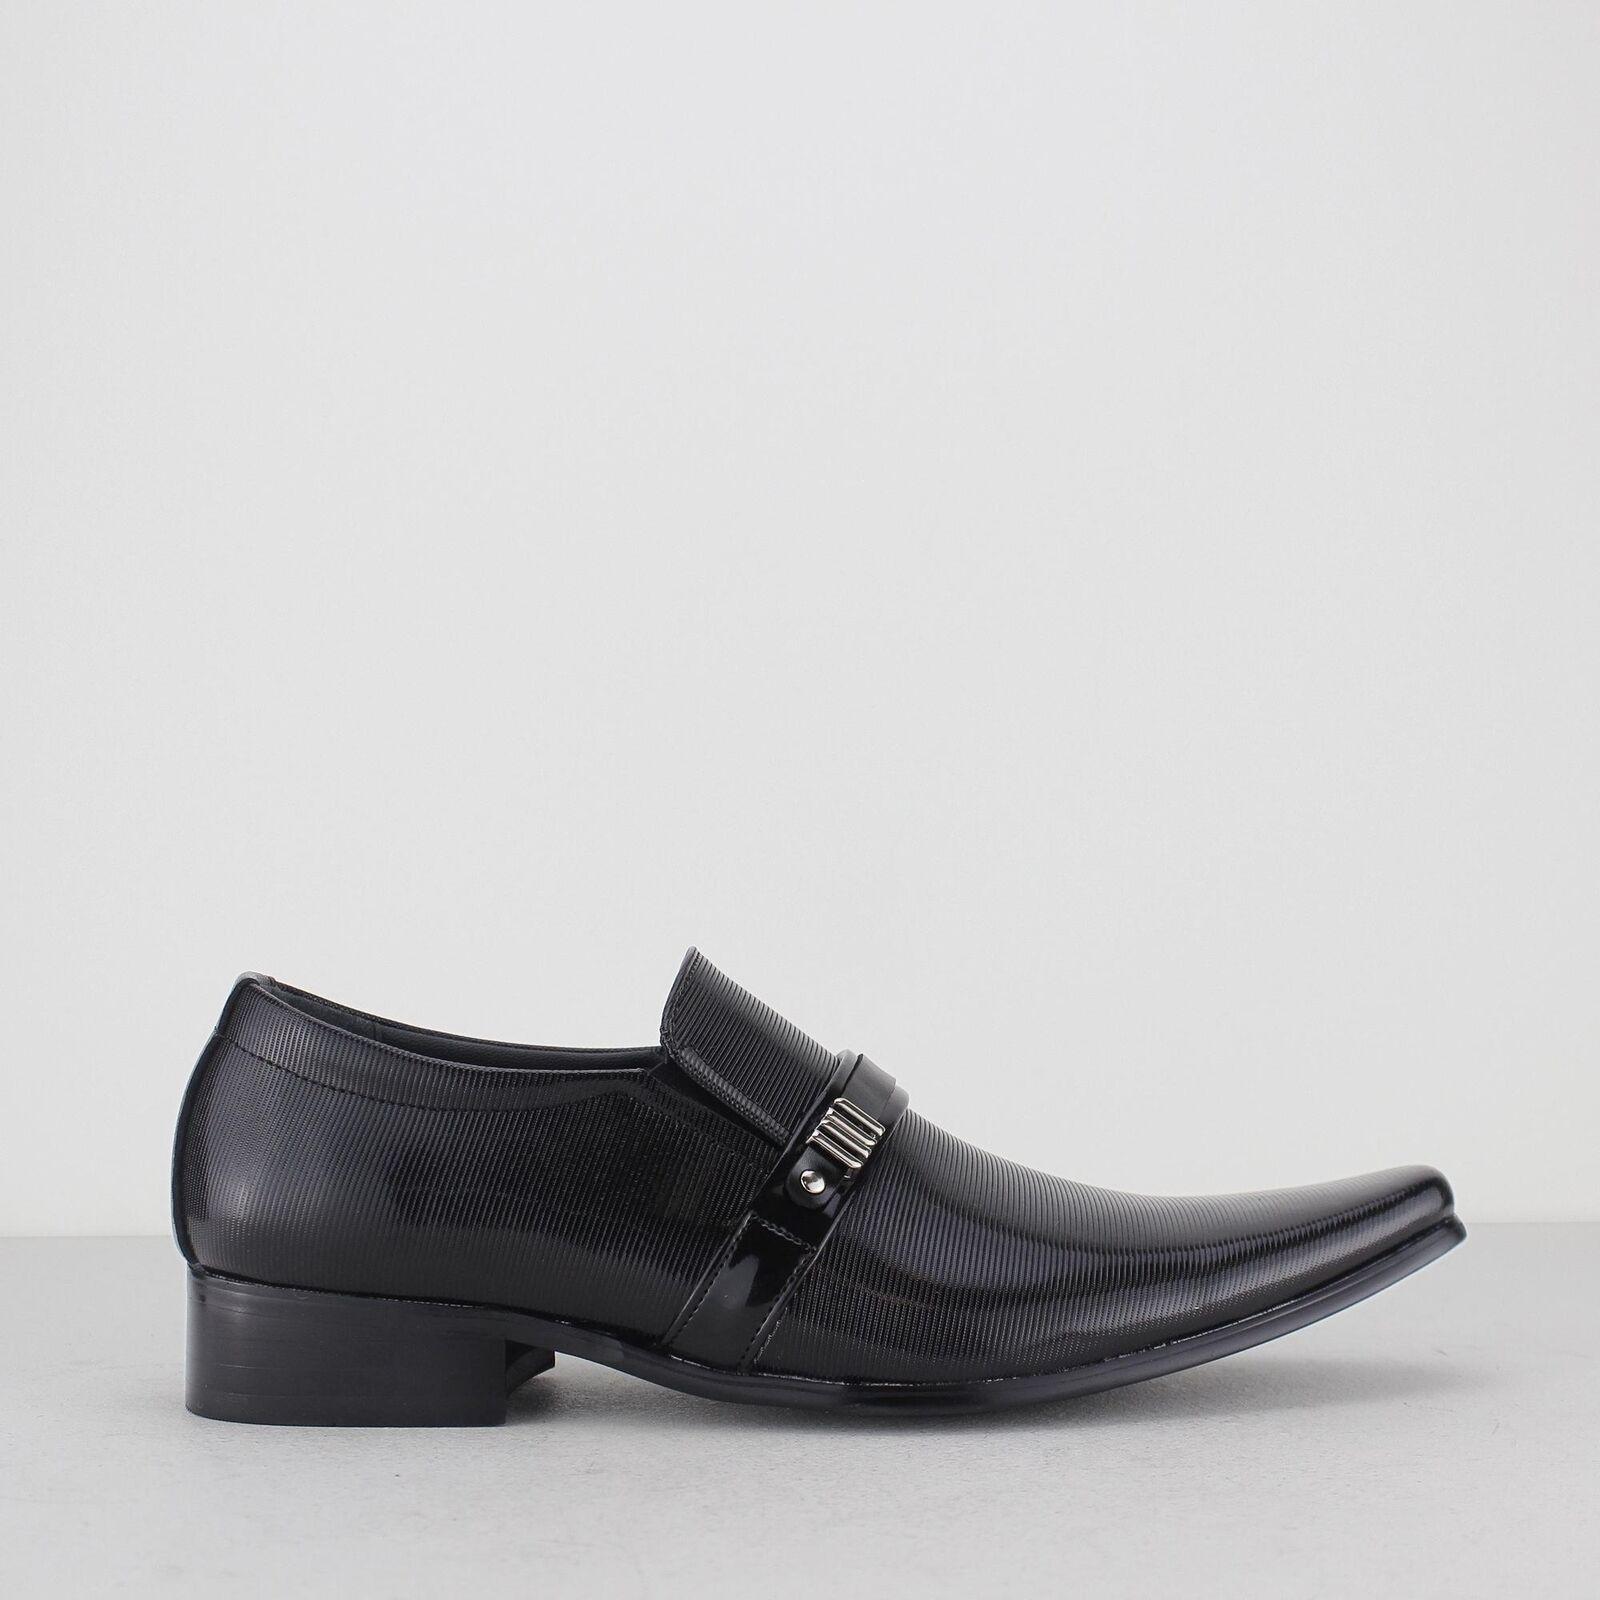 Mister Carlo DAUPHIN para hombre Inteligente Vestido Formal Noche antideslizante en mocasines zapatos Negro